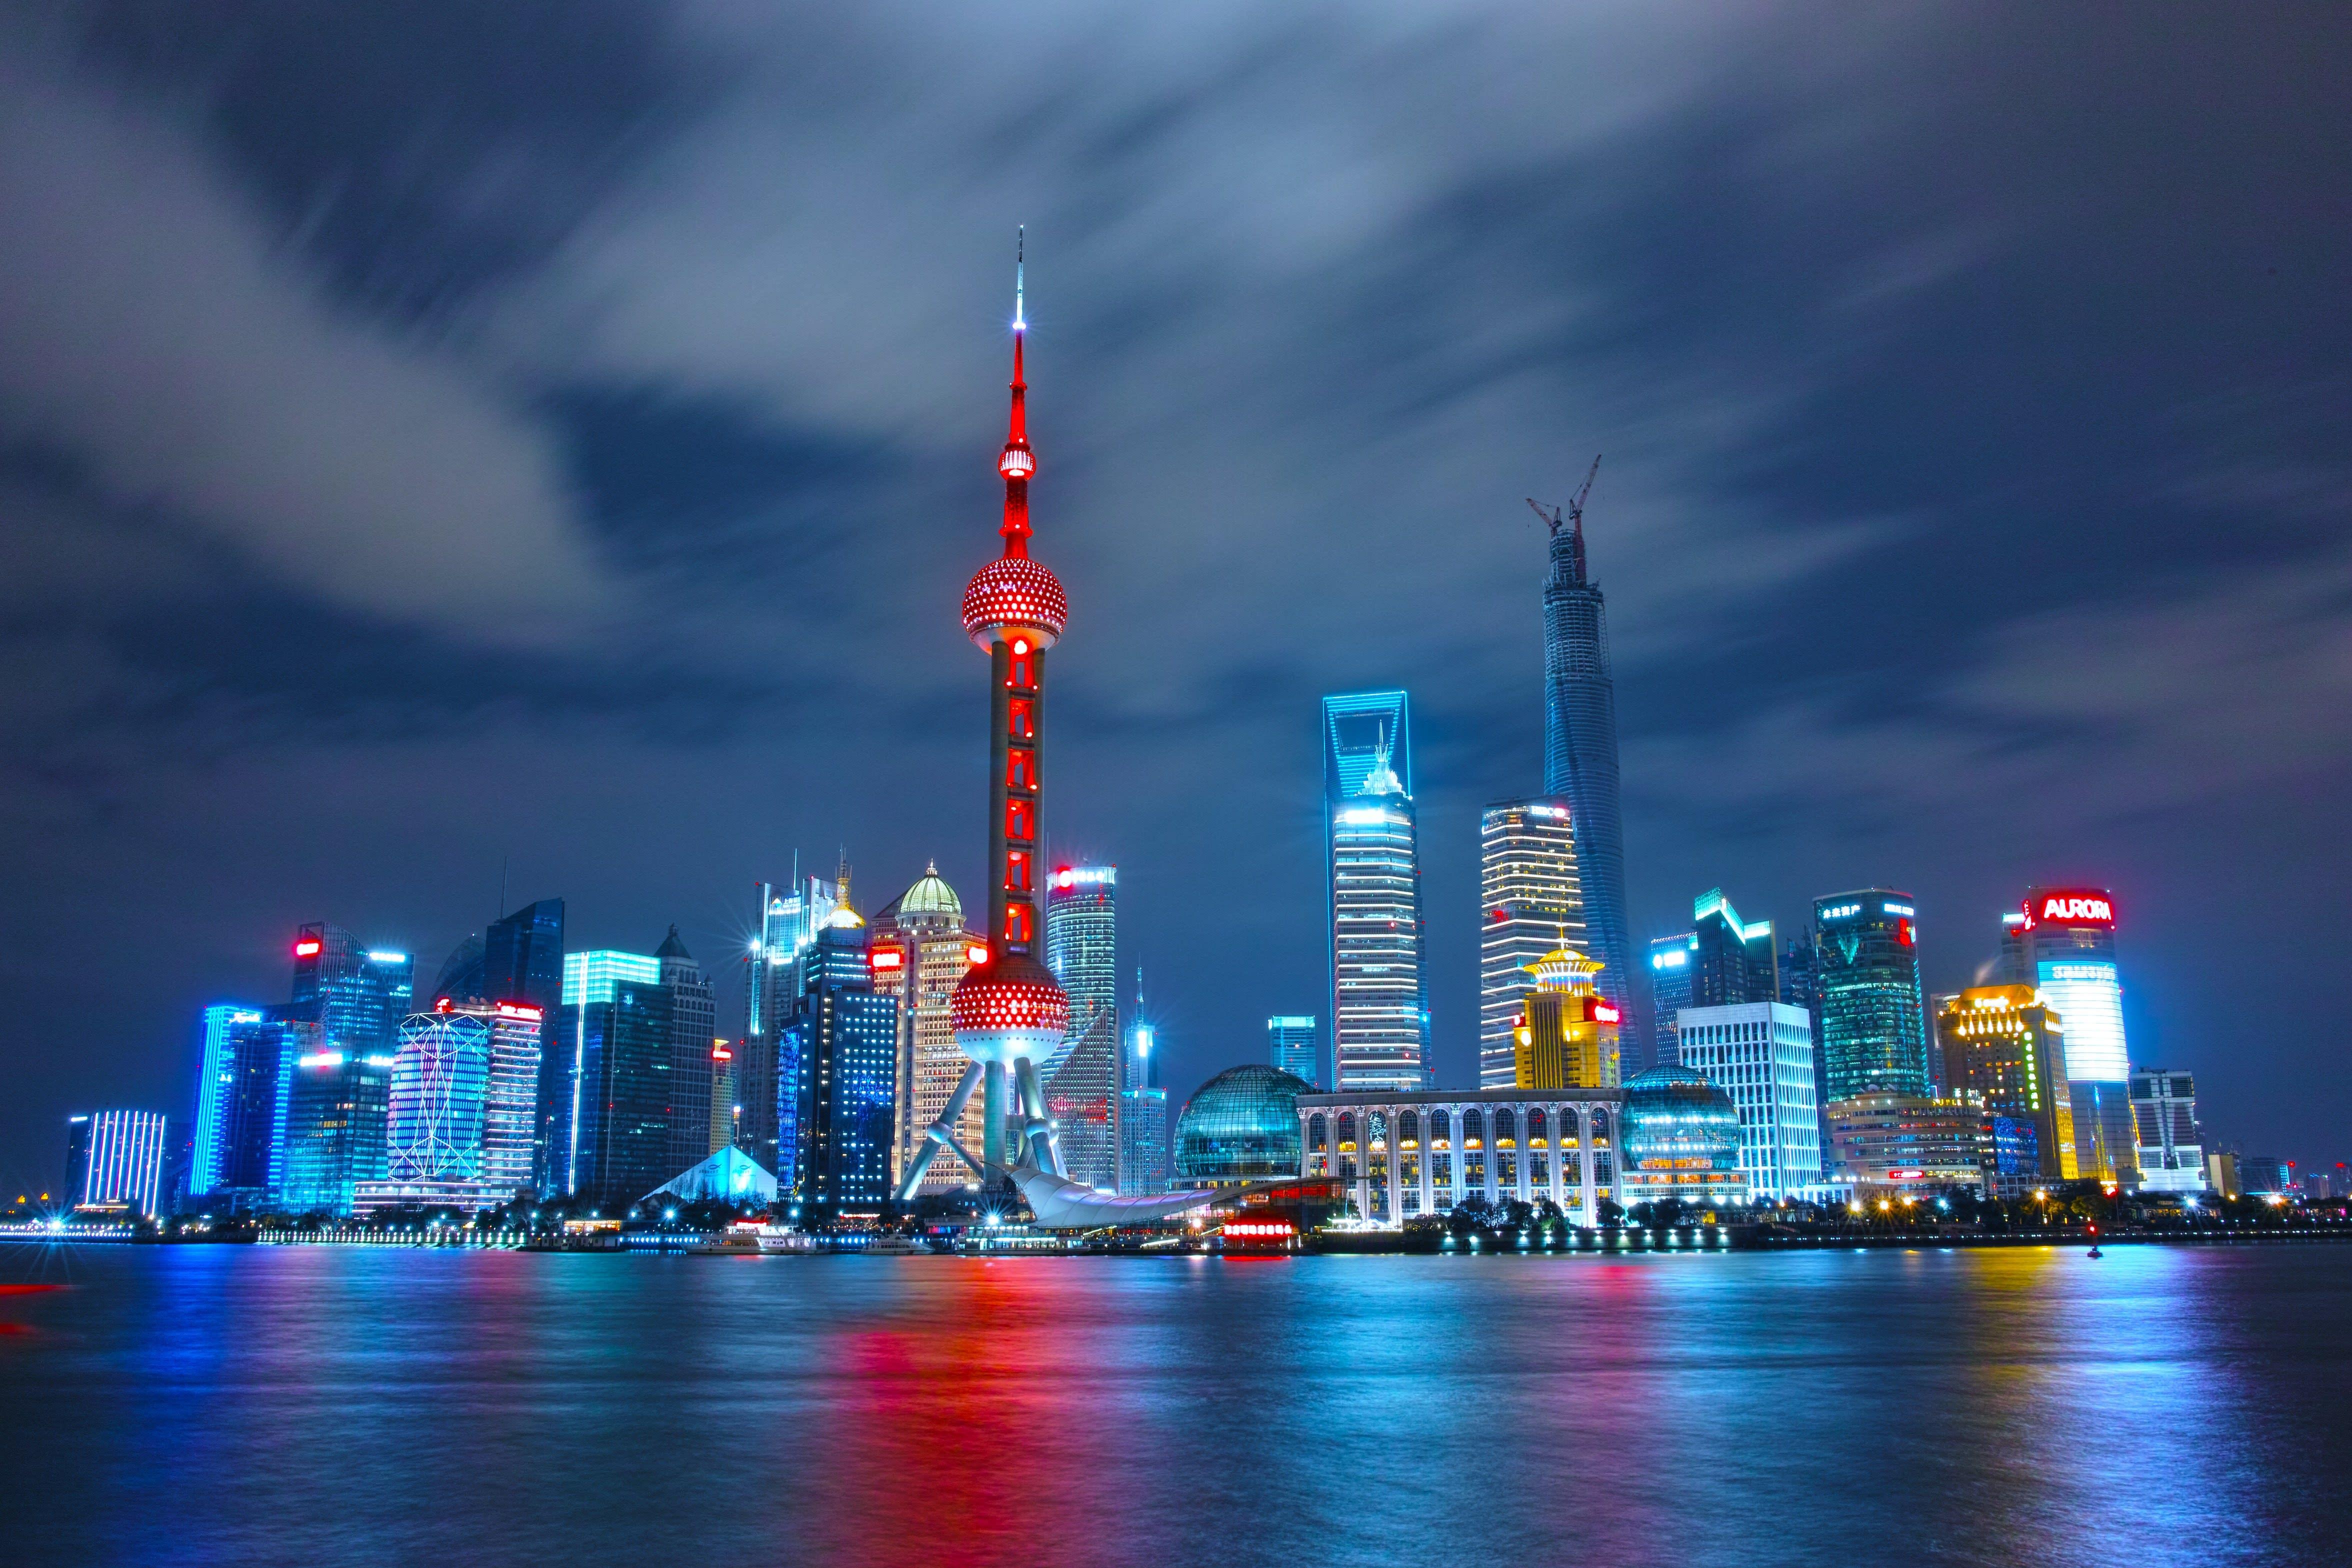 Shanghai, China at night